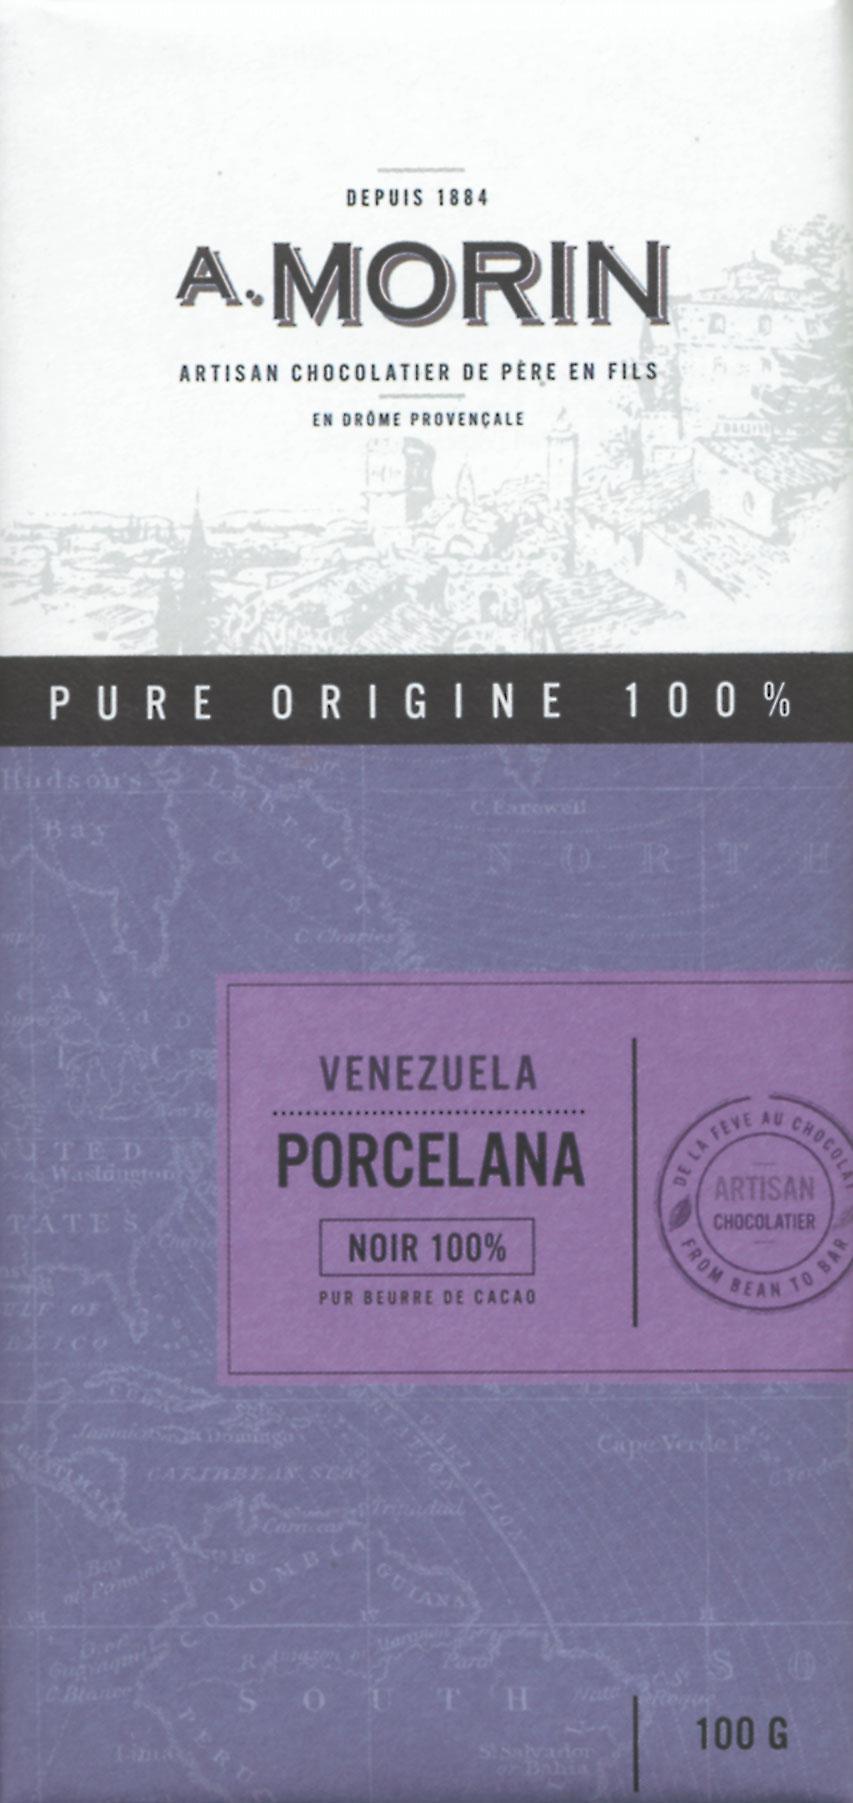 A. MORIN | Dunkle Schokolade Venezuela »Porcelana« 100%